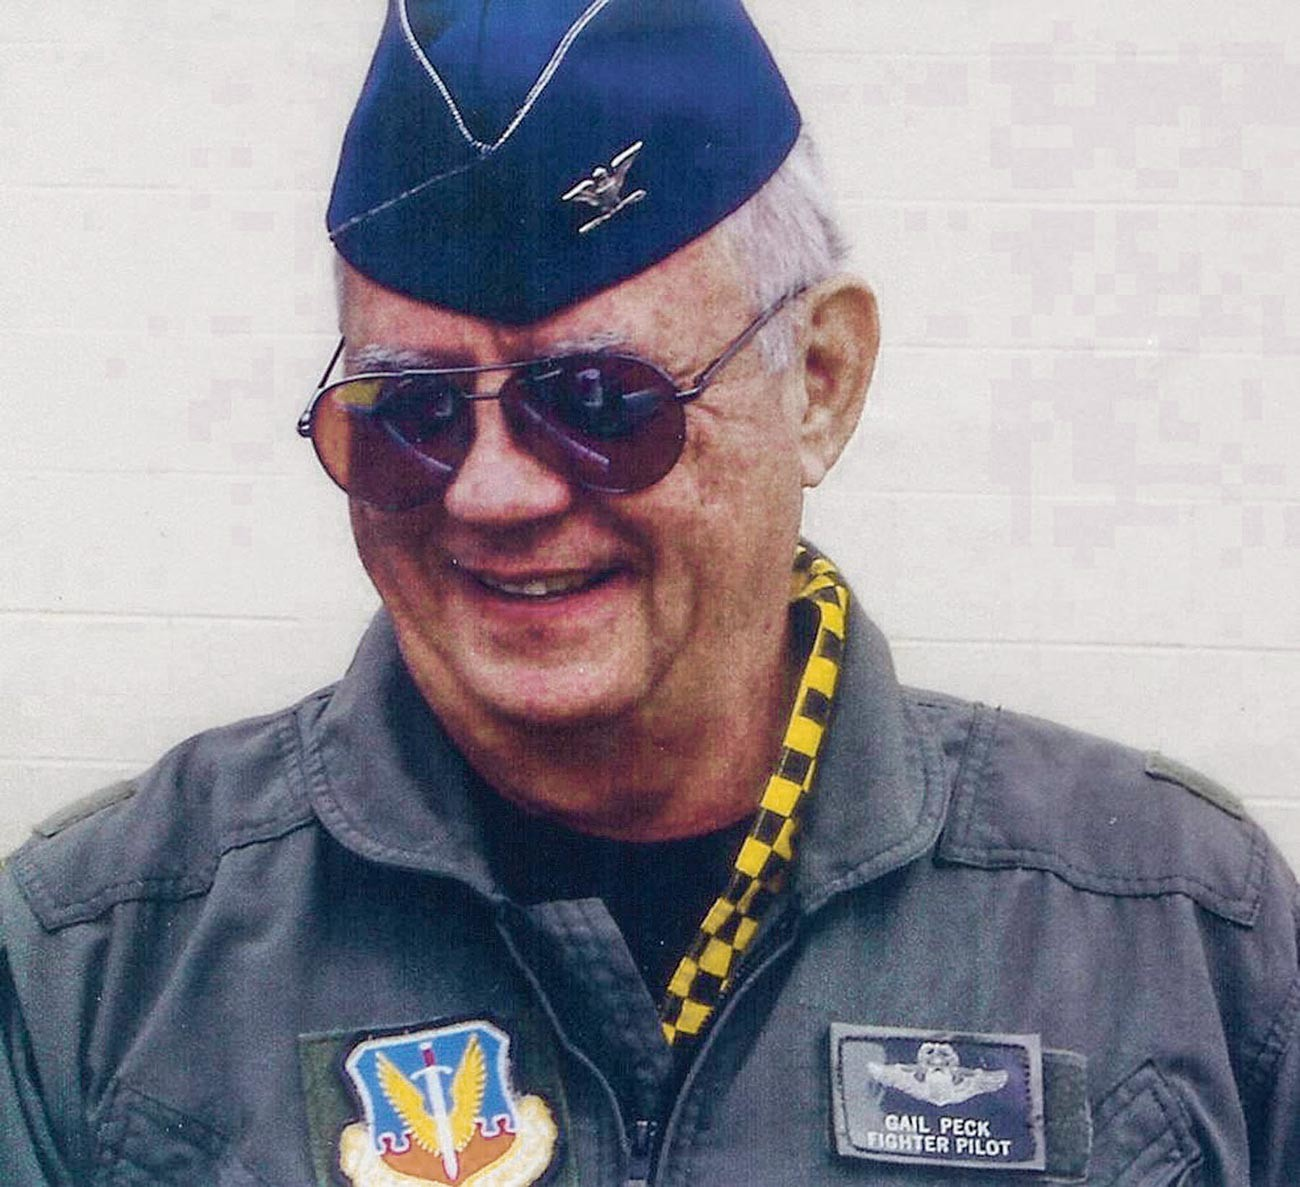 Полковник Гэйл Пек.